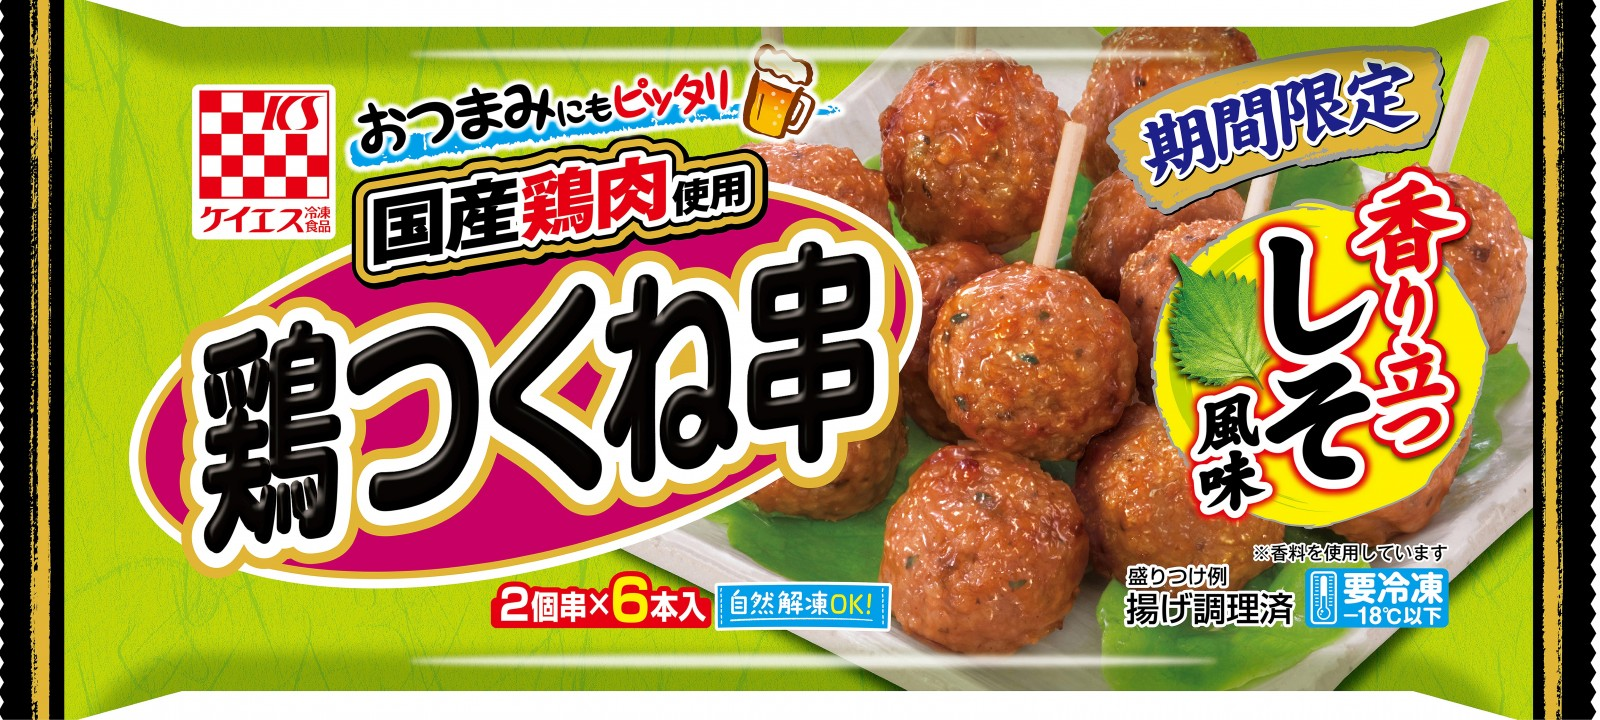 ケイエス鶏つくね串、限定品第6弾は香りの良い「シソ風味」♪ つくね串のSNSコミュニケーションも